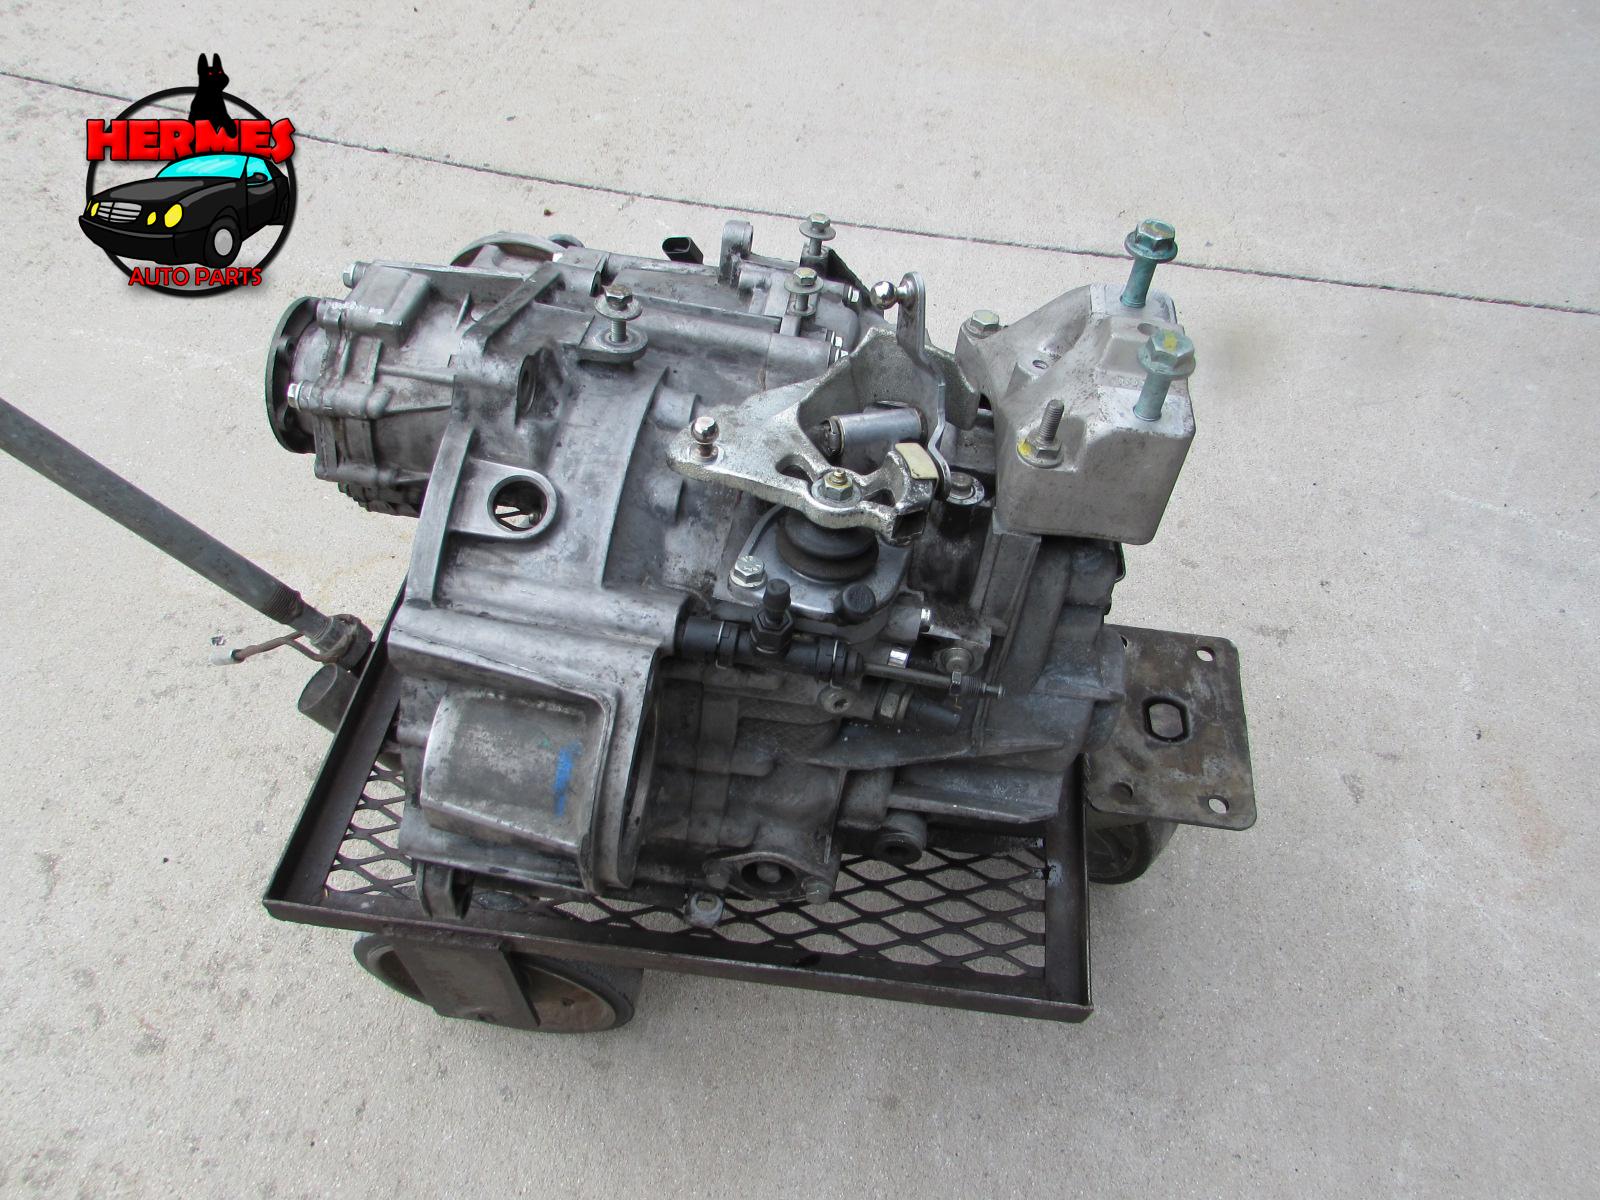 Audi TT Mk N Transmission Speed Manual Quattro L DQB - Audi tt manual transmission